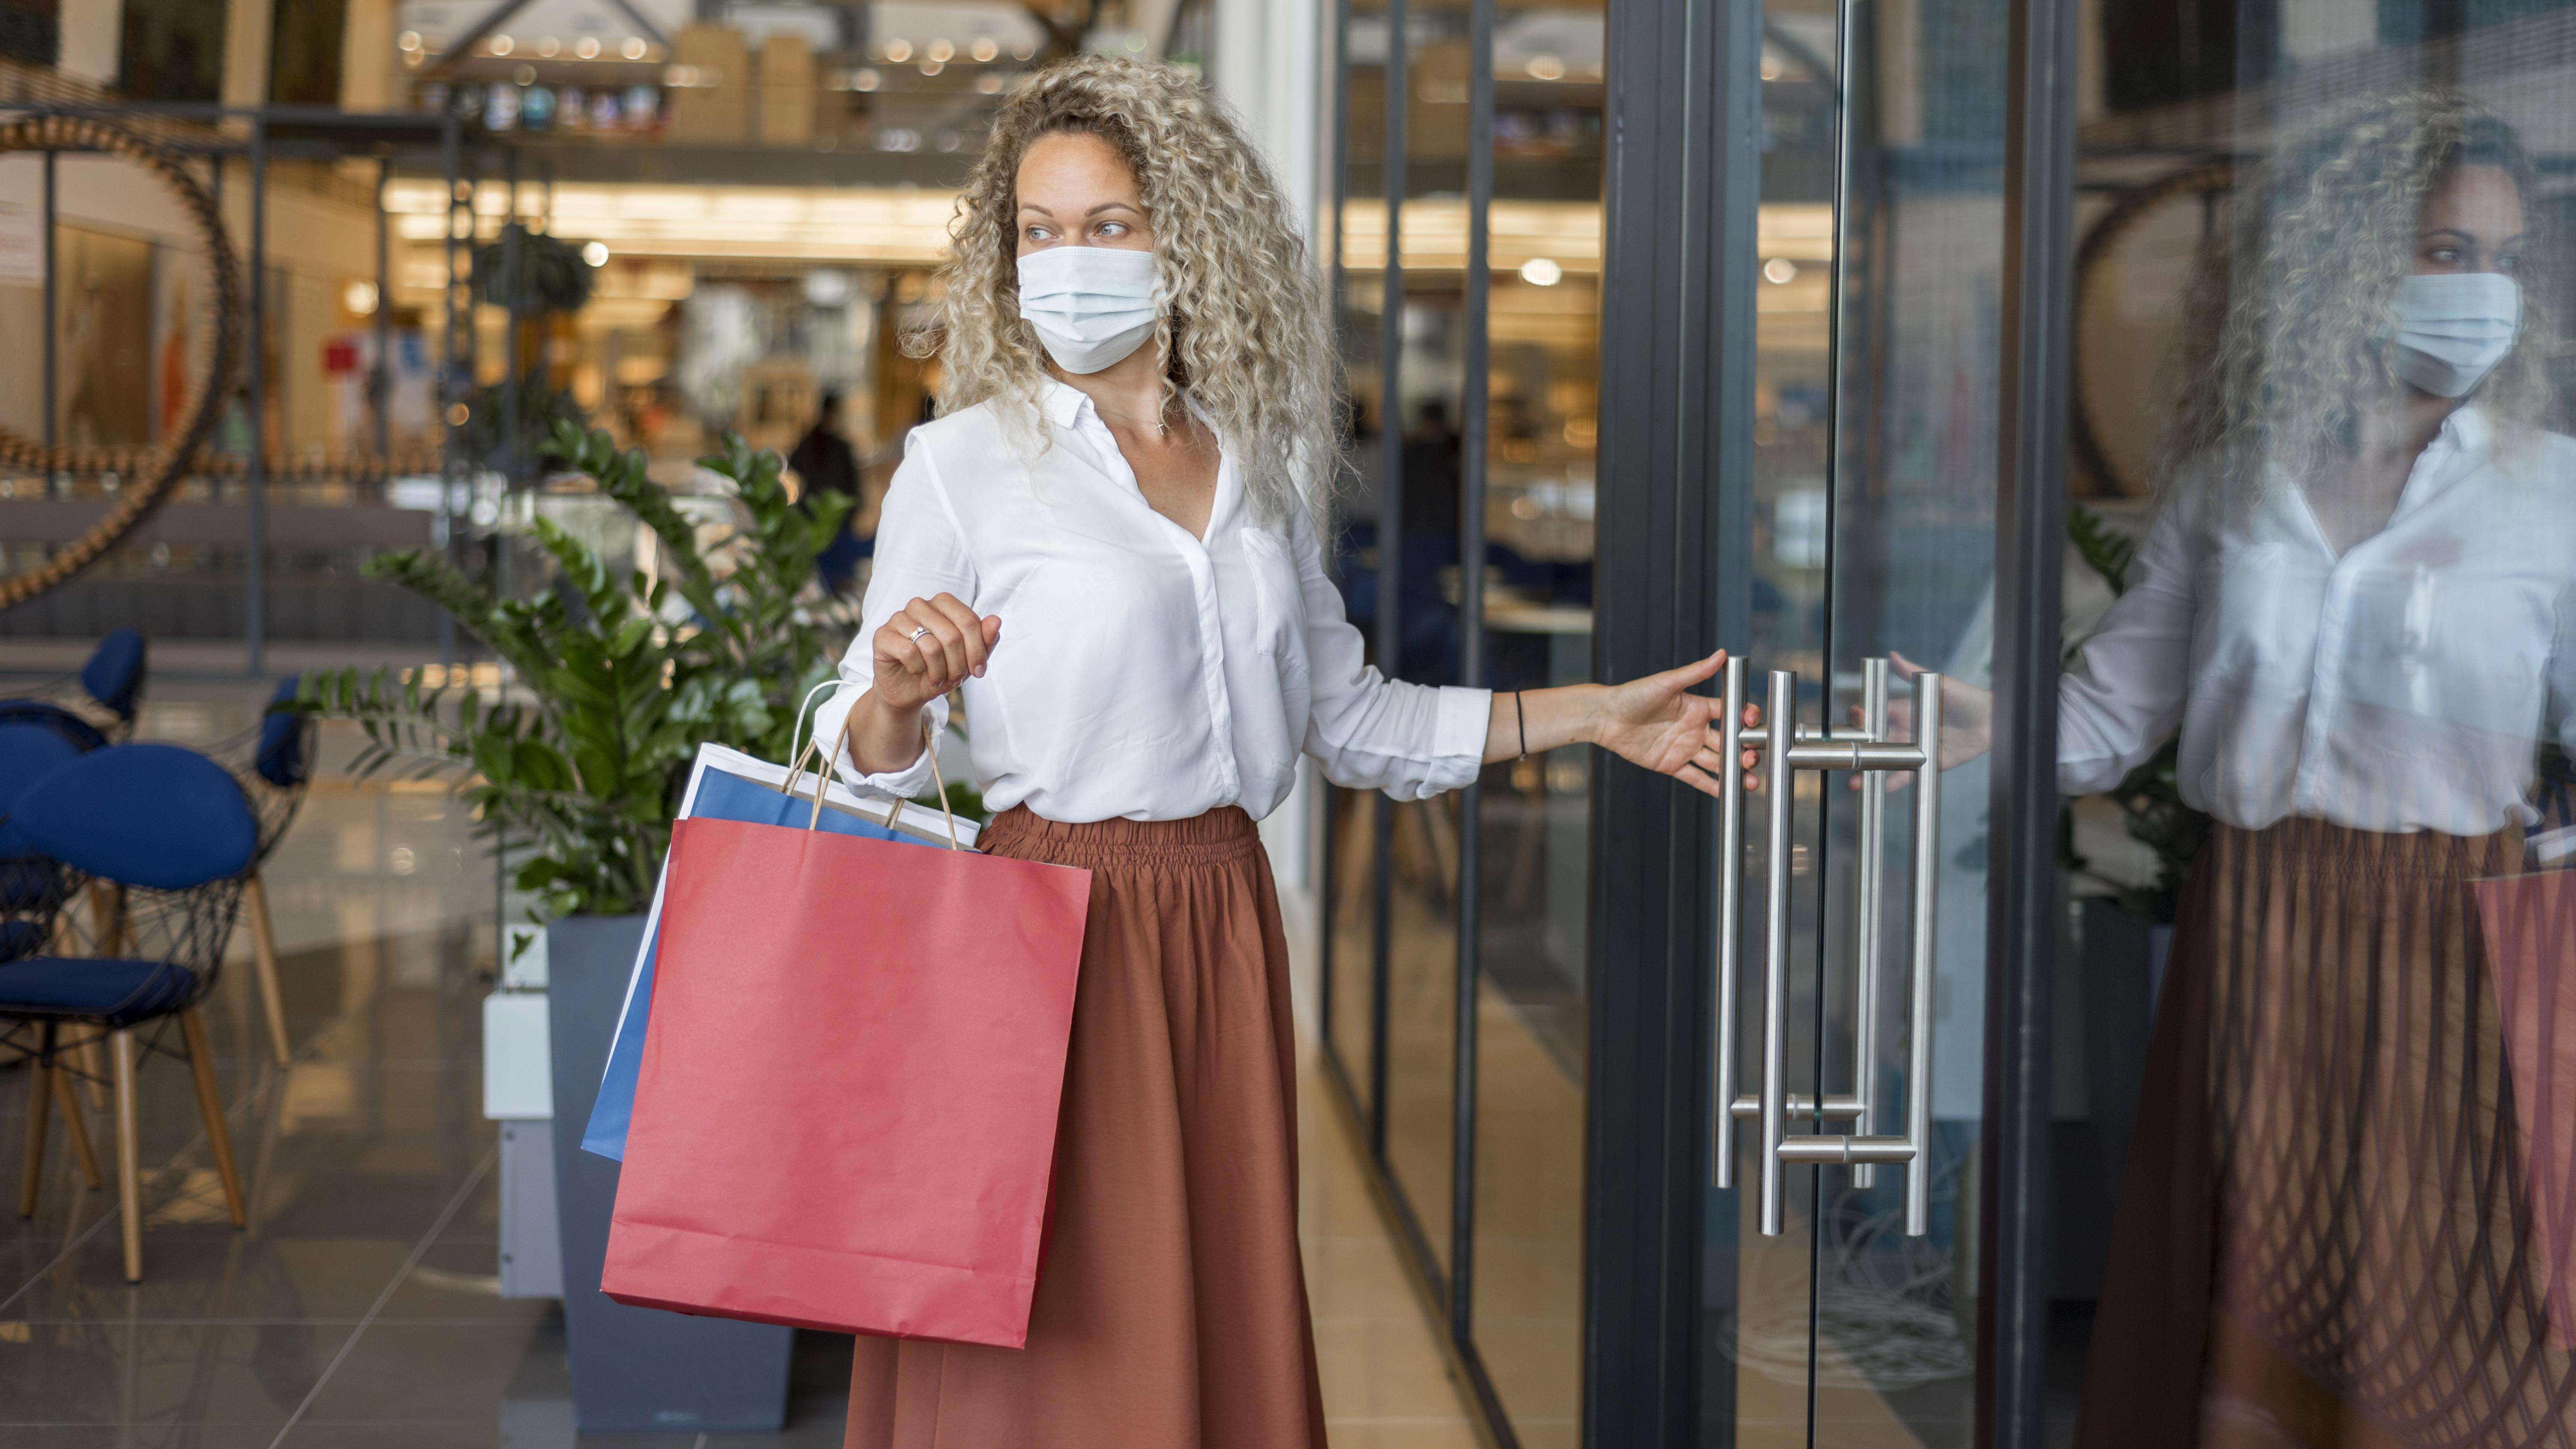 kobieta w maseczce wchodzi do sklepu w galerii handlowej